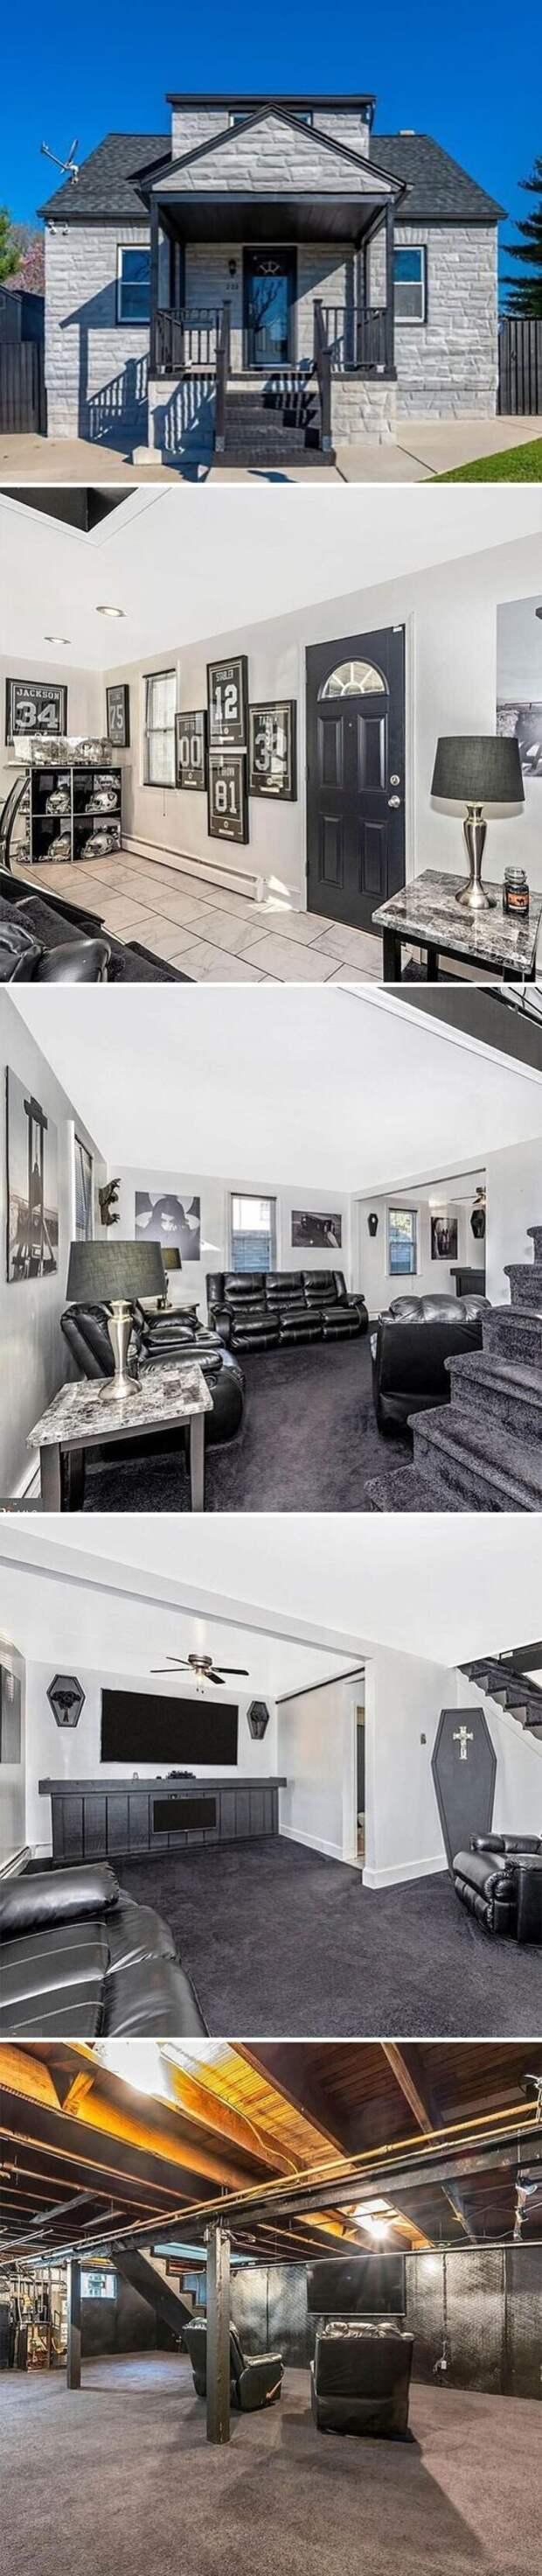 Жутковатое жилище. Цена - 225 тысяч долларов (16 млн рублей)